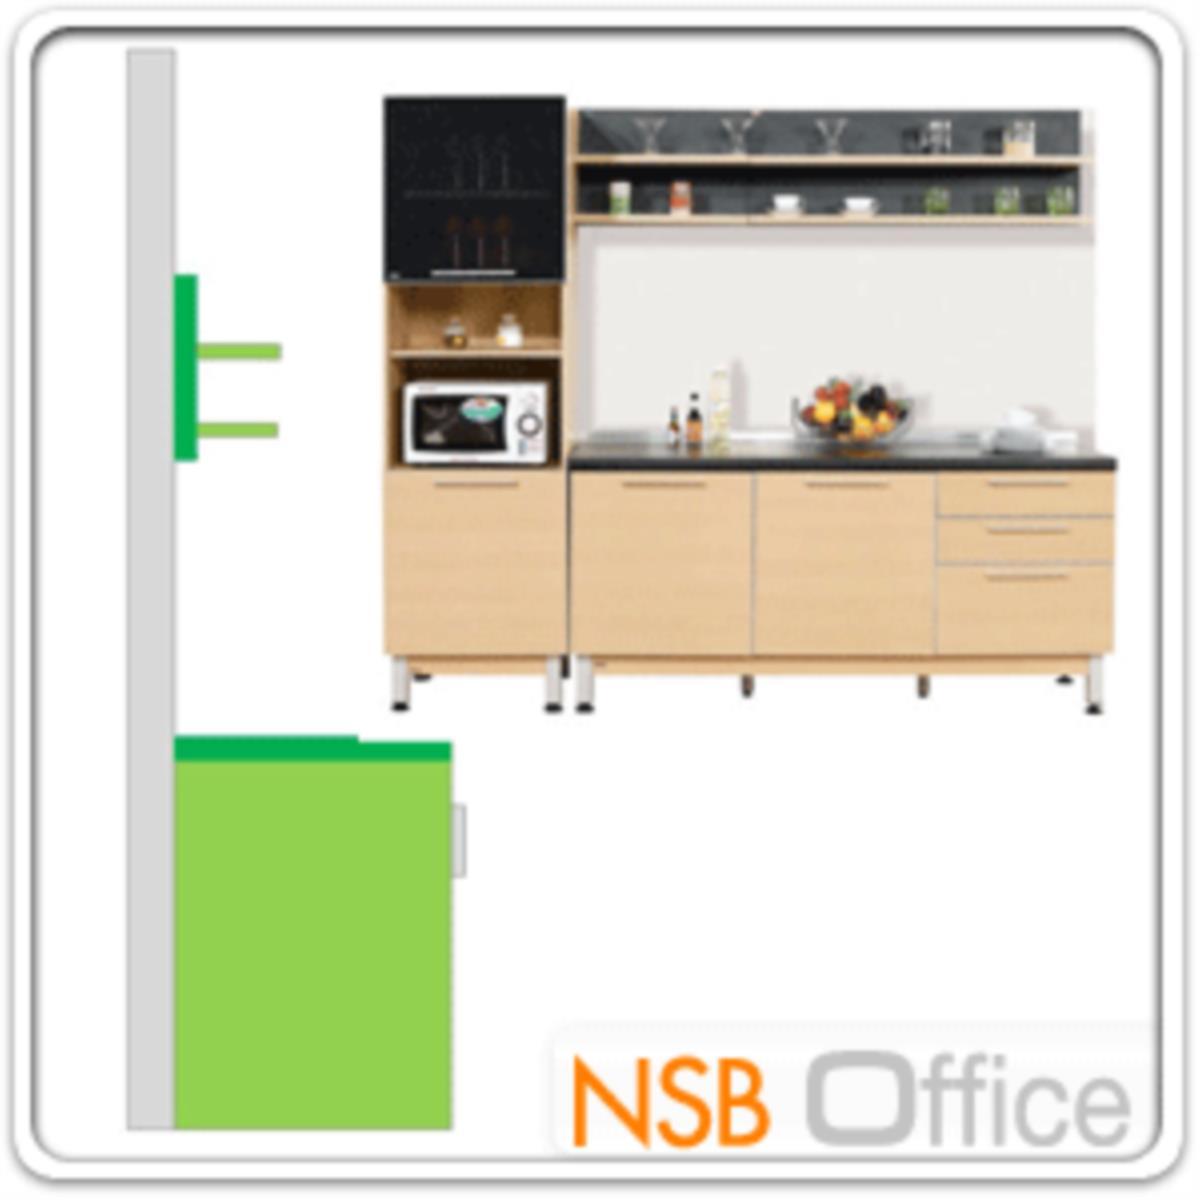 ชุดตู้ครัวสีบีทดำ 240W cm.  รุ่น STEP-122 (สำหรับครัวเปียกและครัวแห้ง)